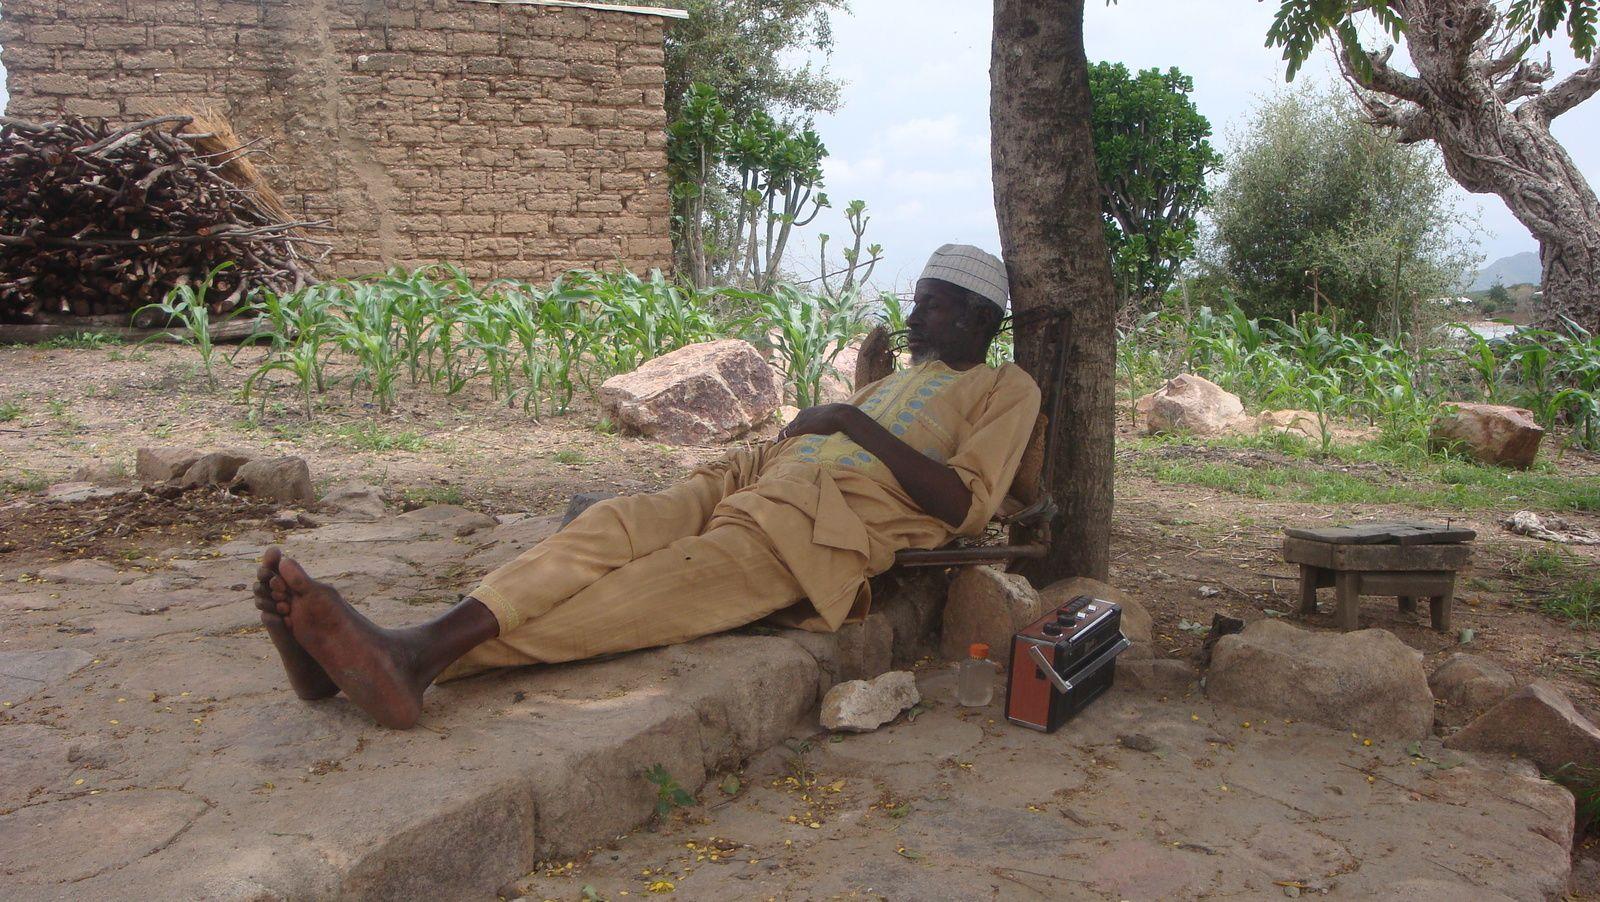 Un badaud dans l'extrême-nord du Cameroun, près de la frontière nigériane.